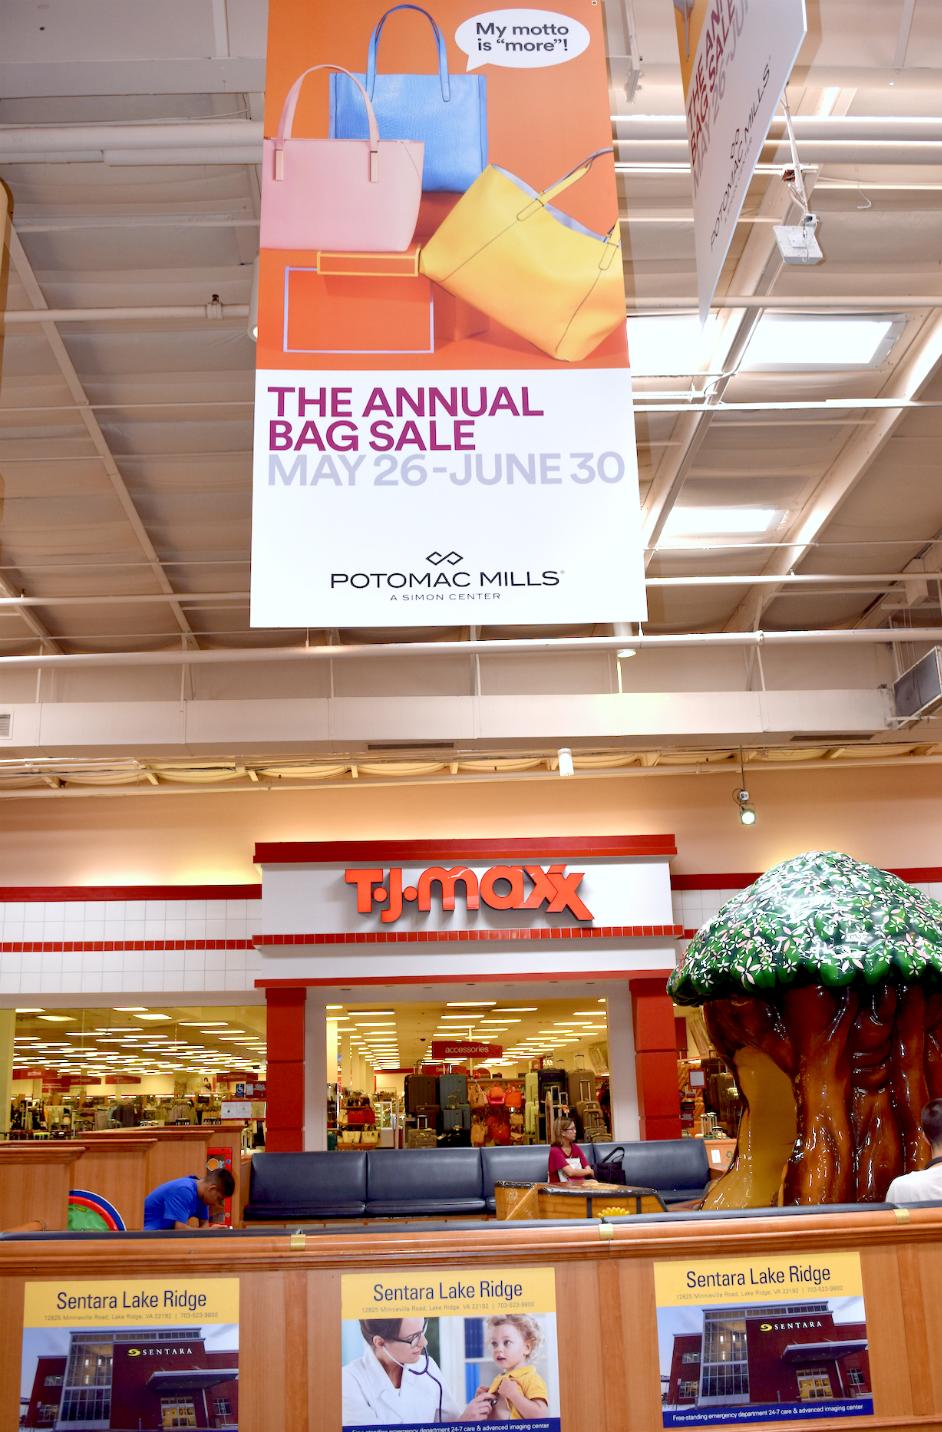 ac9c5f194 Annual Handbag Sale Potomac Mills Mall. Save · Save · Save